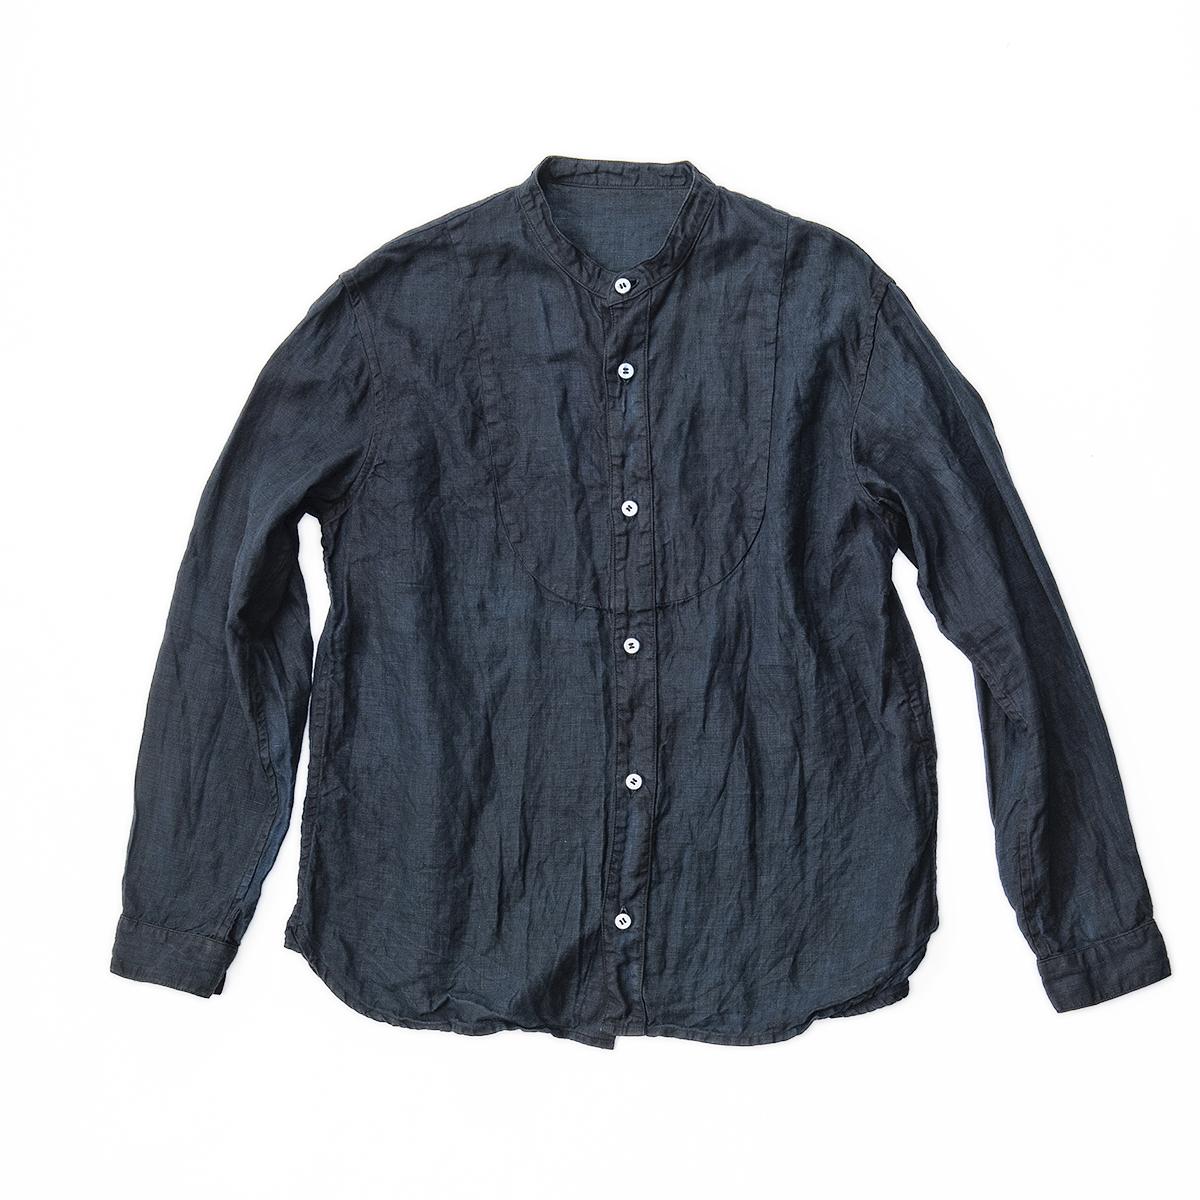 ふるさと納税 手染めリネン切替シャツ サイズ3 BLACK 泥藍染 02-BE-1903r ブライダル バレンタインデー ホワイトデー